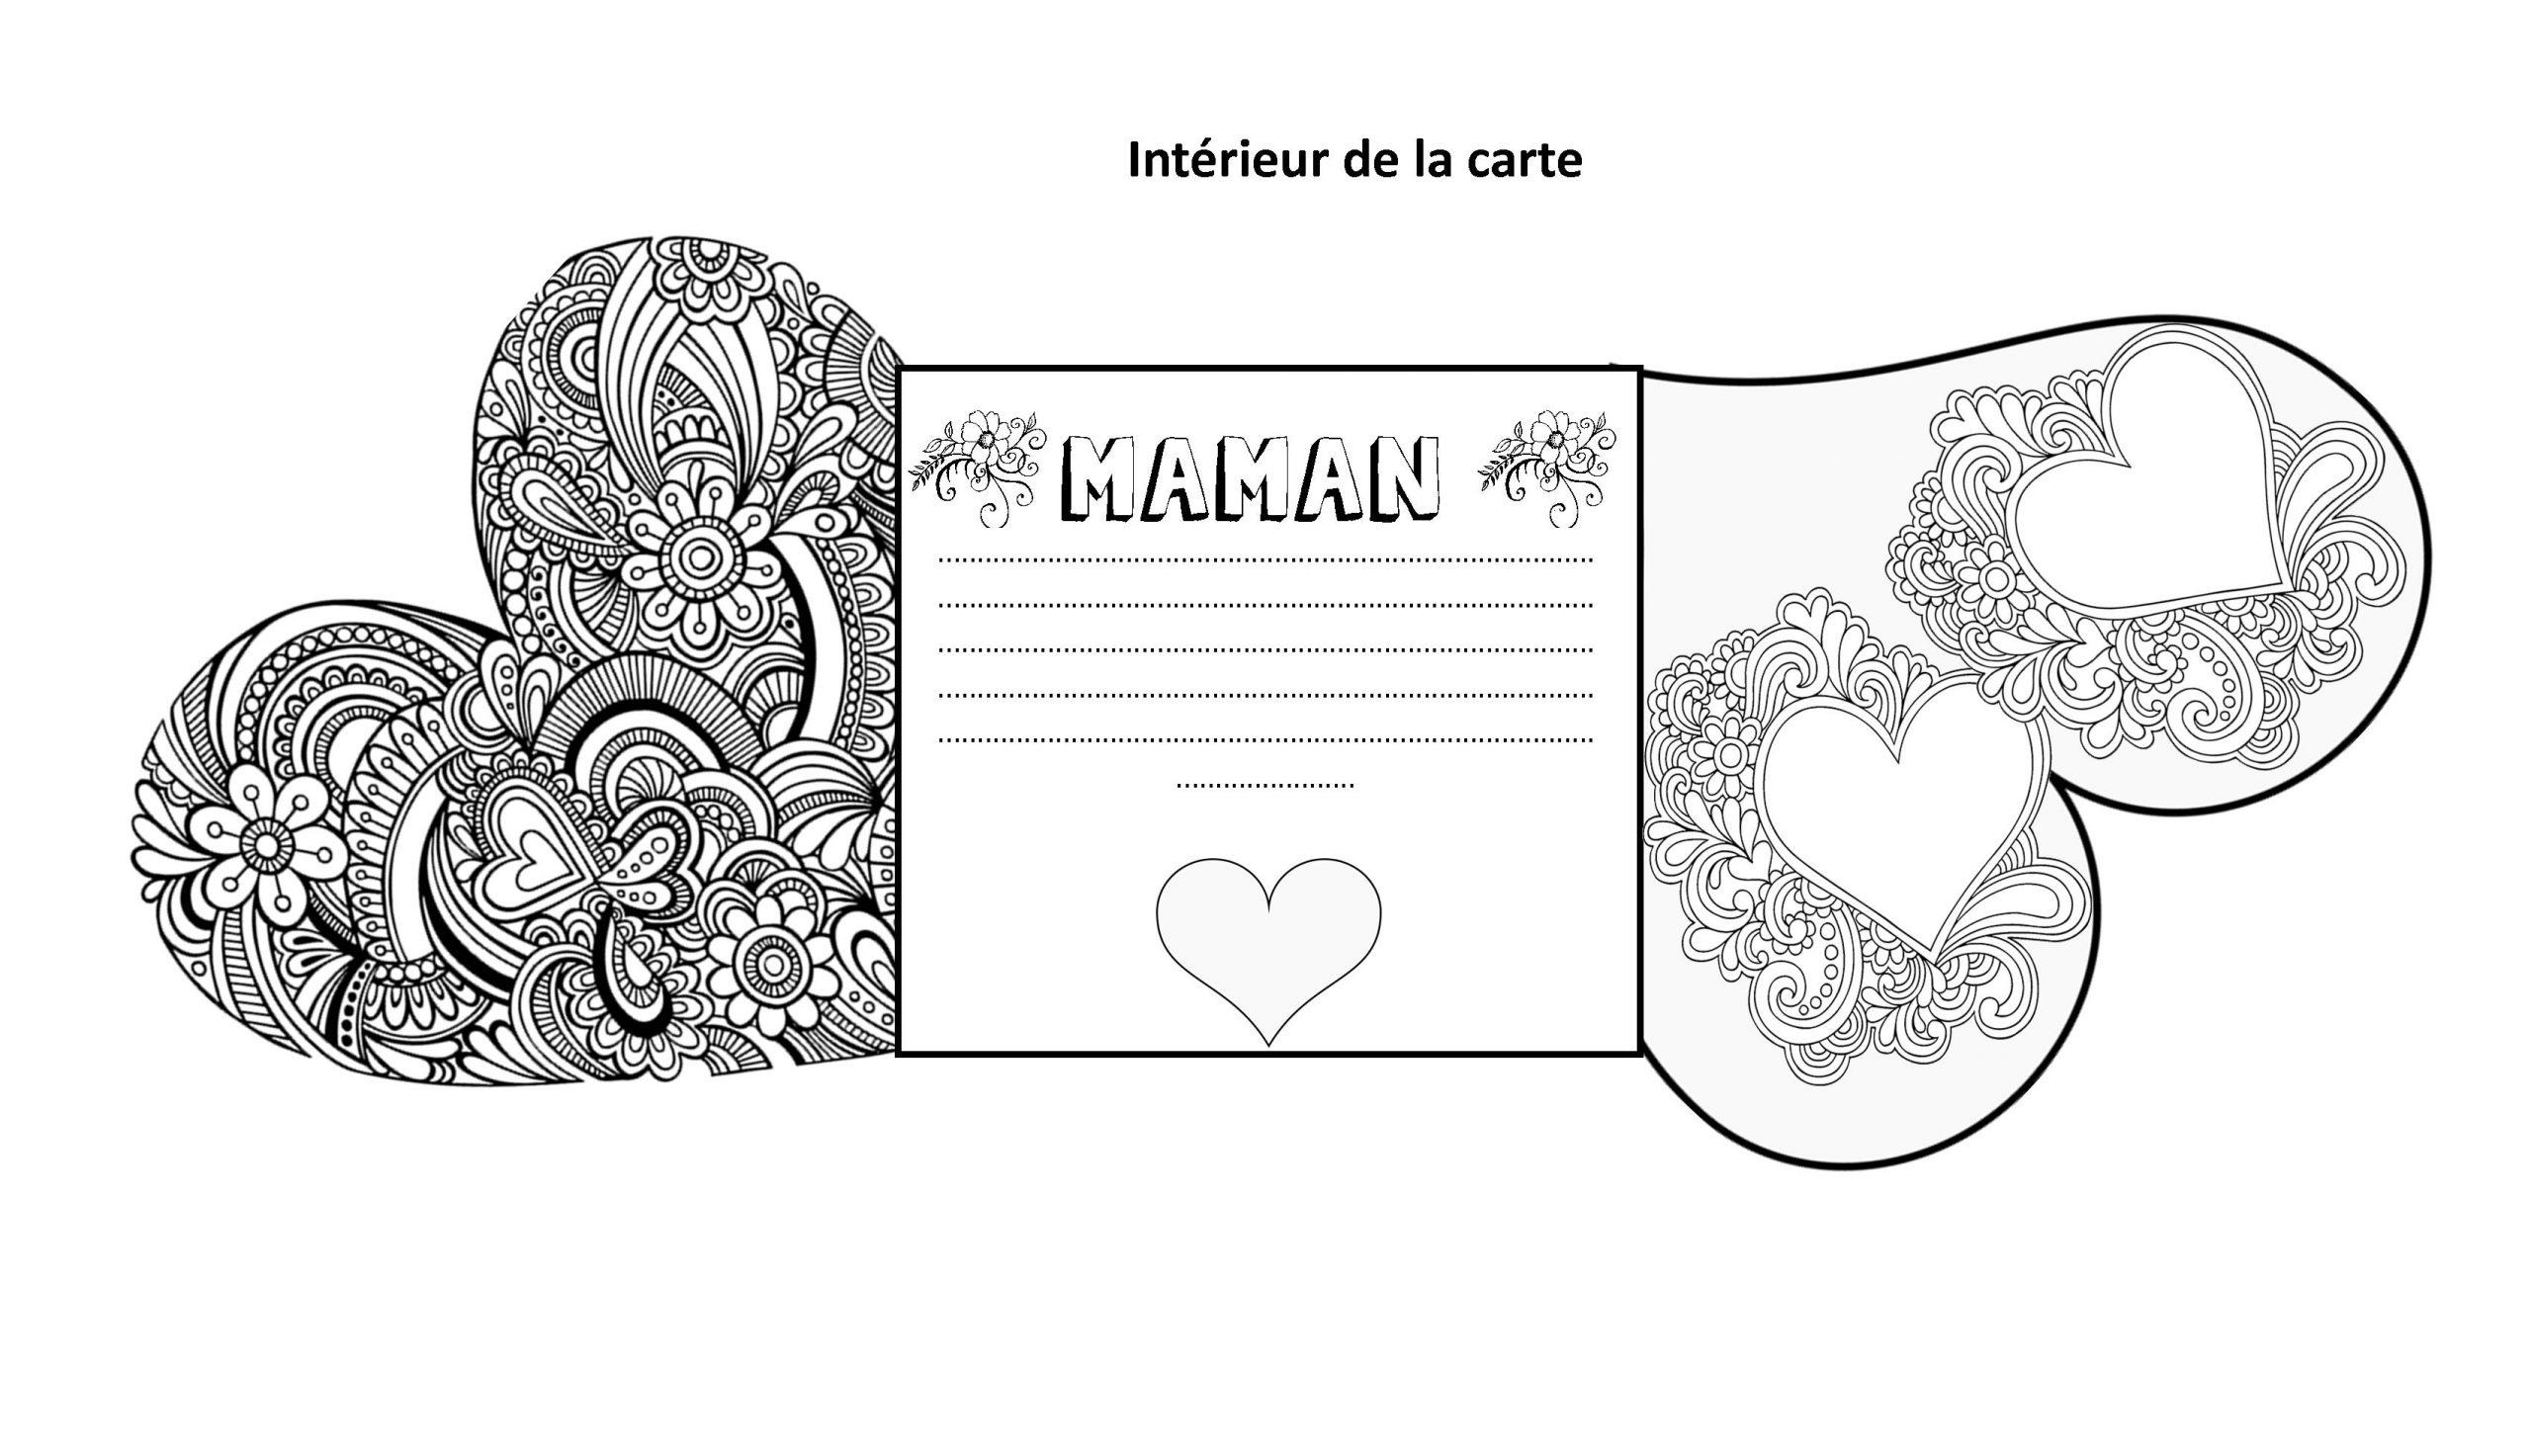 Carte Fête Des Mères Pdf | Le Blog De Monsieur Mathieu intérieur Carte Fête Des Mères À Imprimer